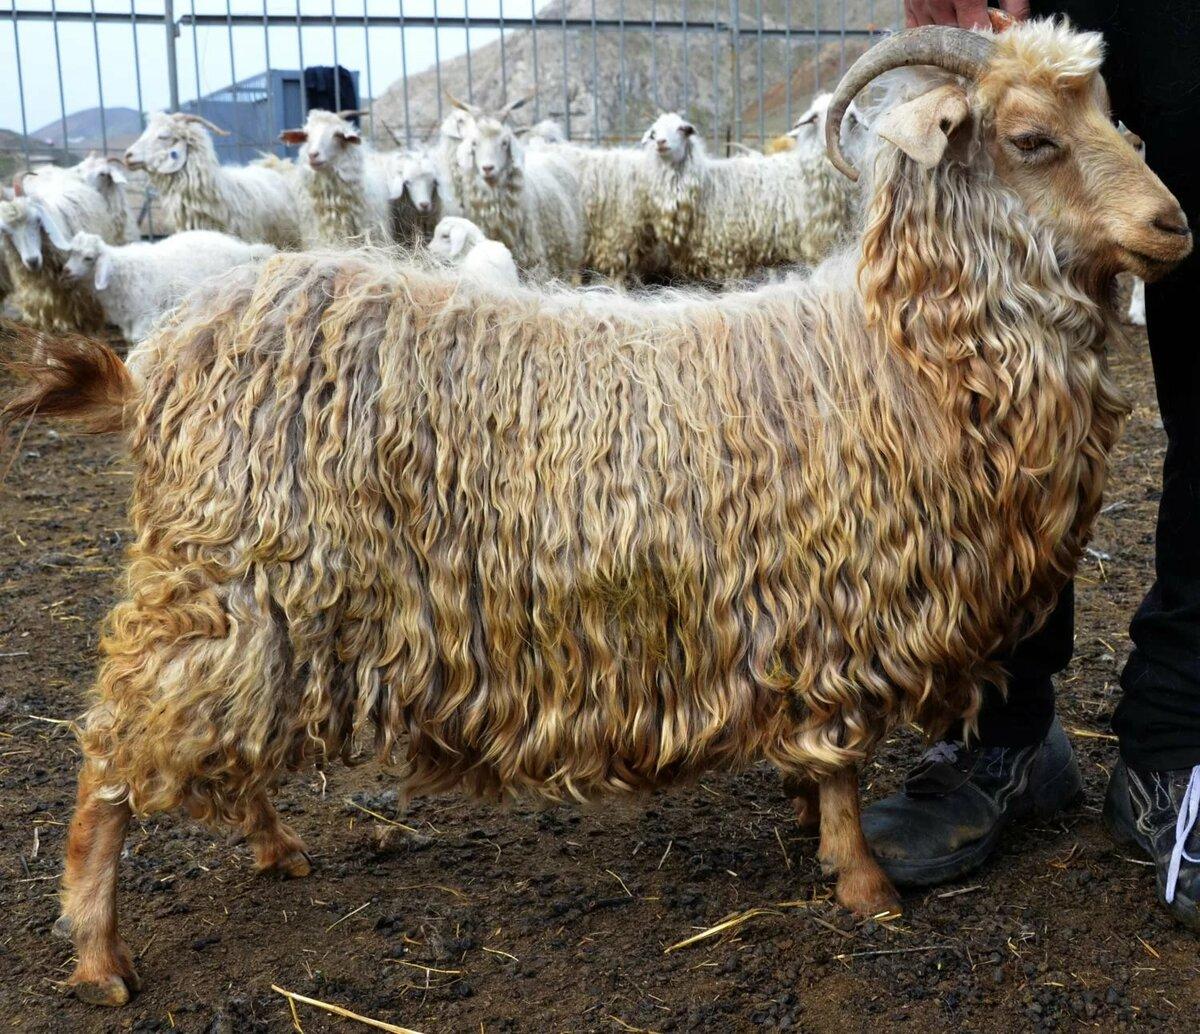 того картинка шерсть козы есть несколько